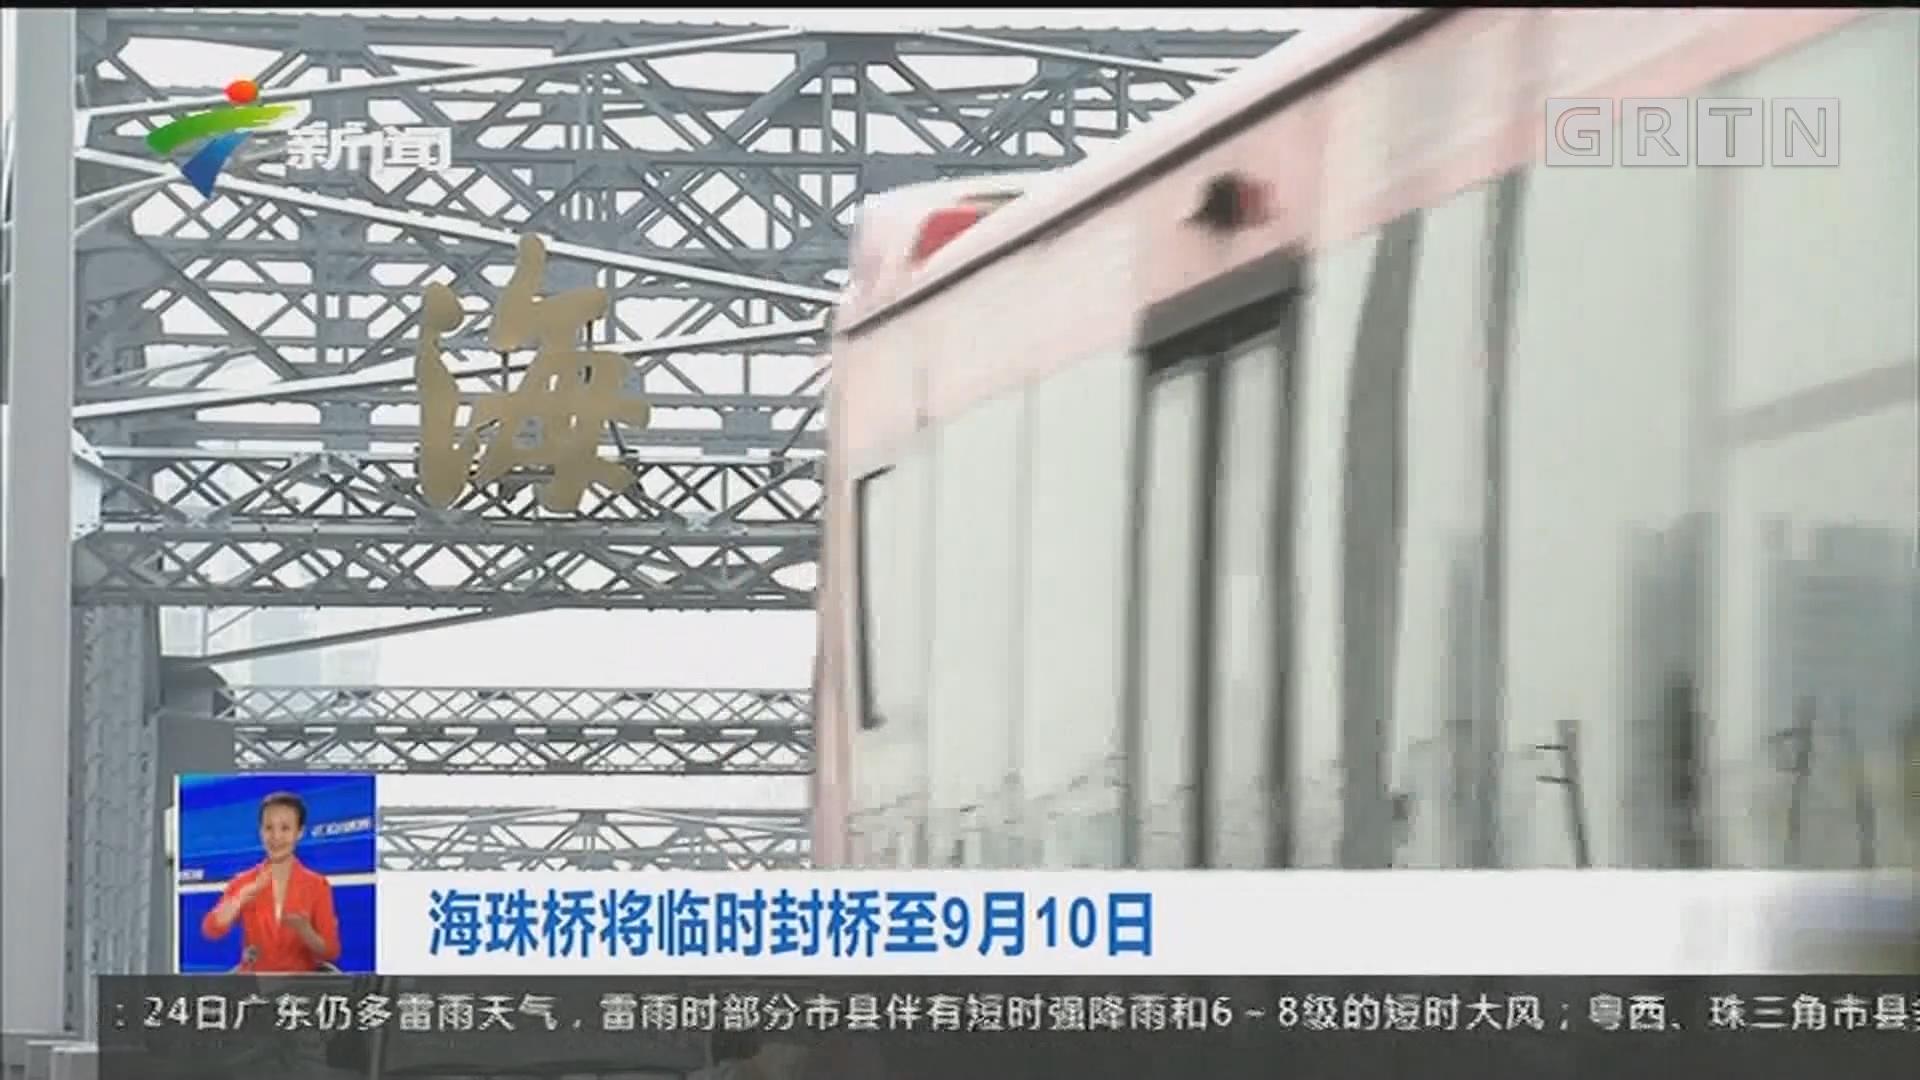 海珠桥将临时封桥至9月10日